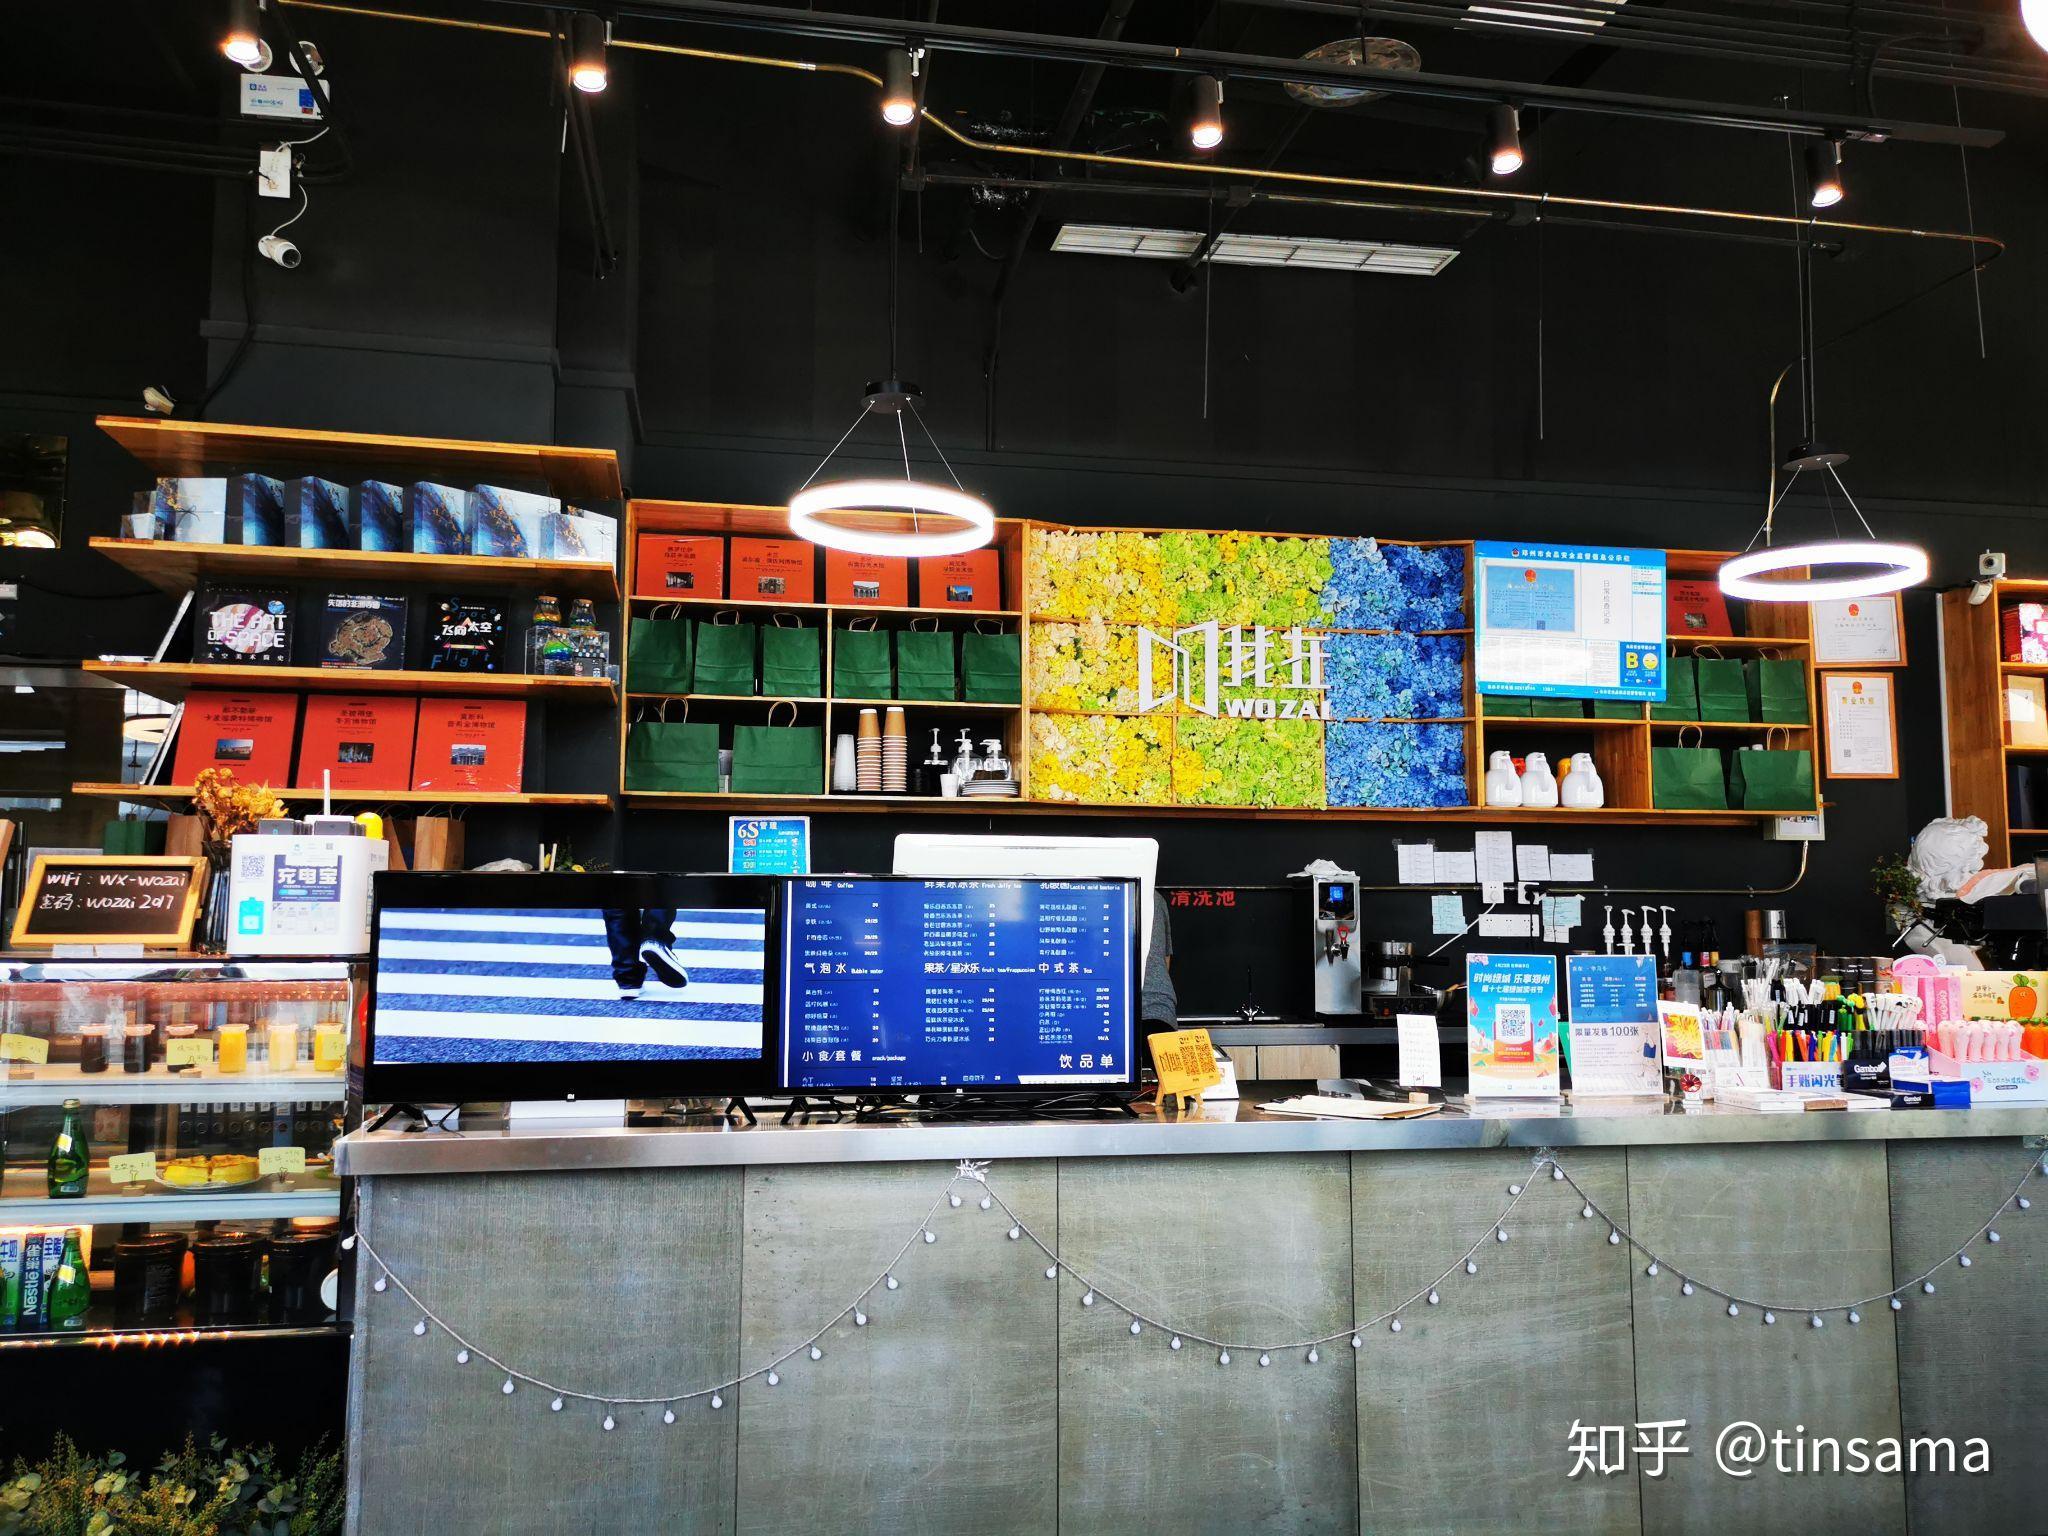 郑州鑫苑国际城市_郑州有哪些值得一去的书店? - 知乎